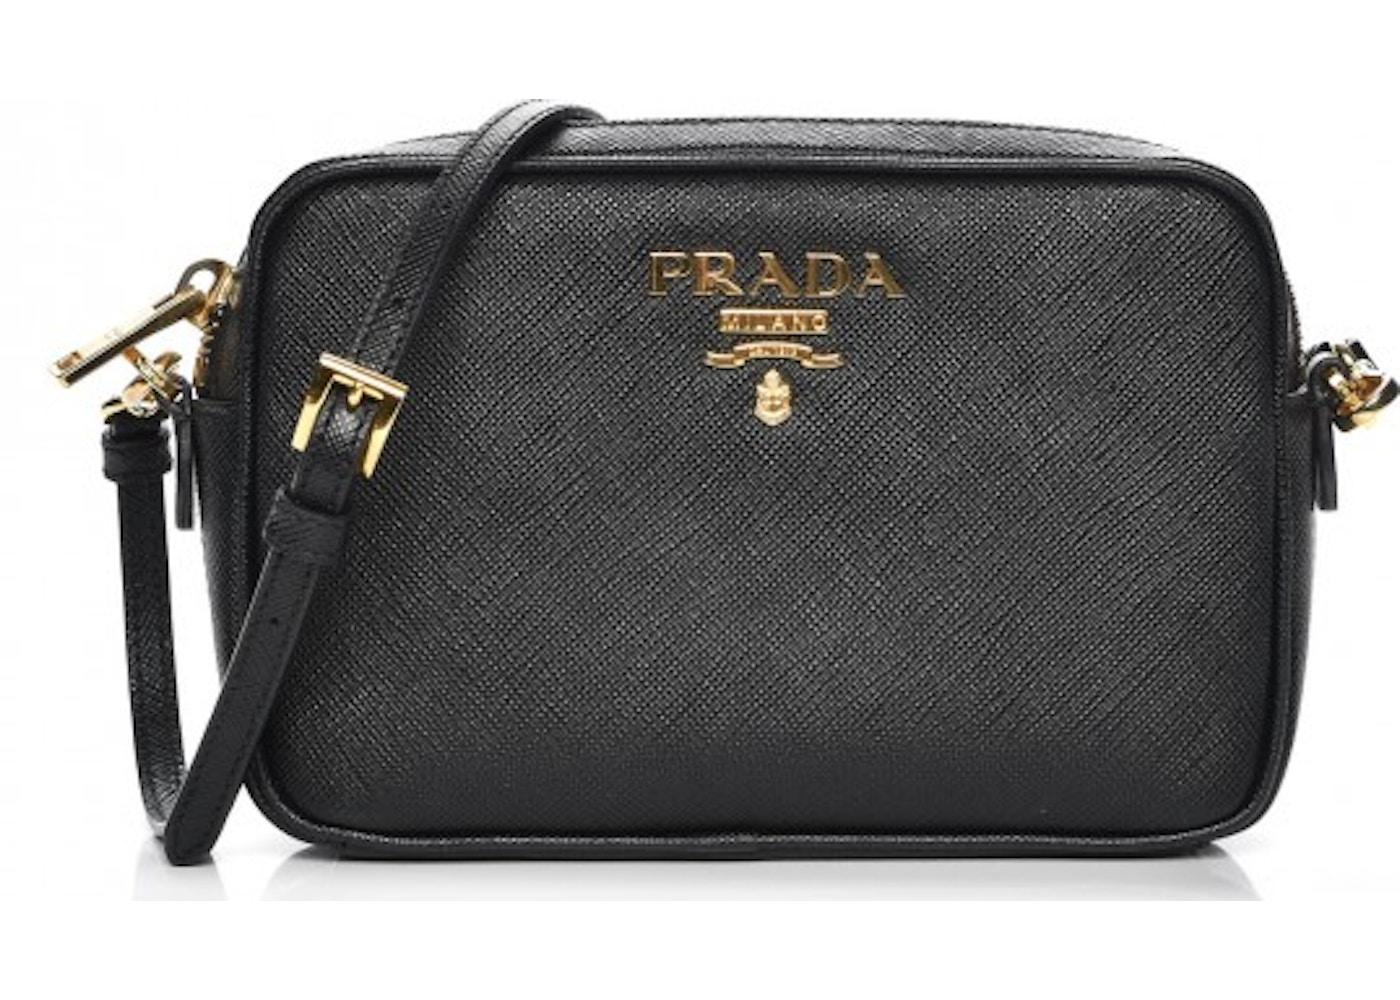 ef4e0be0e7 Prada Camera Bag Crossbody Saffiano Mini Nero. Saffiano Mini Nero